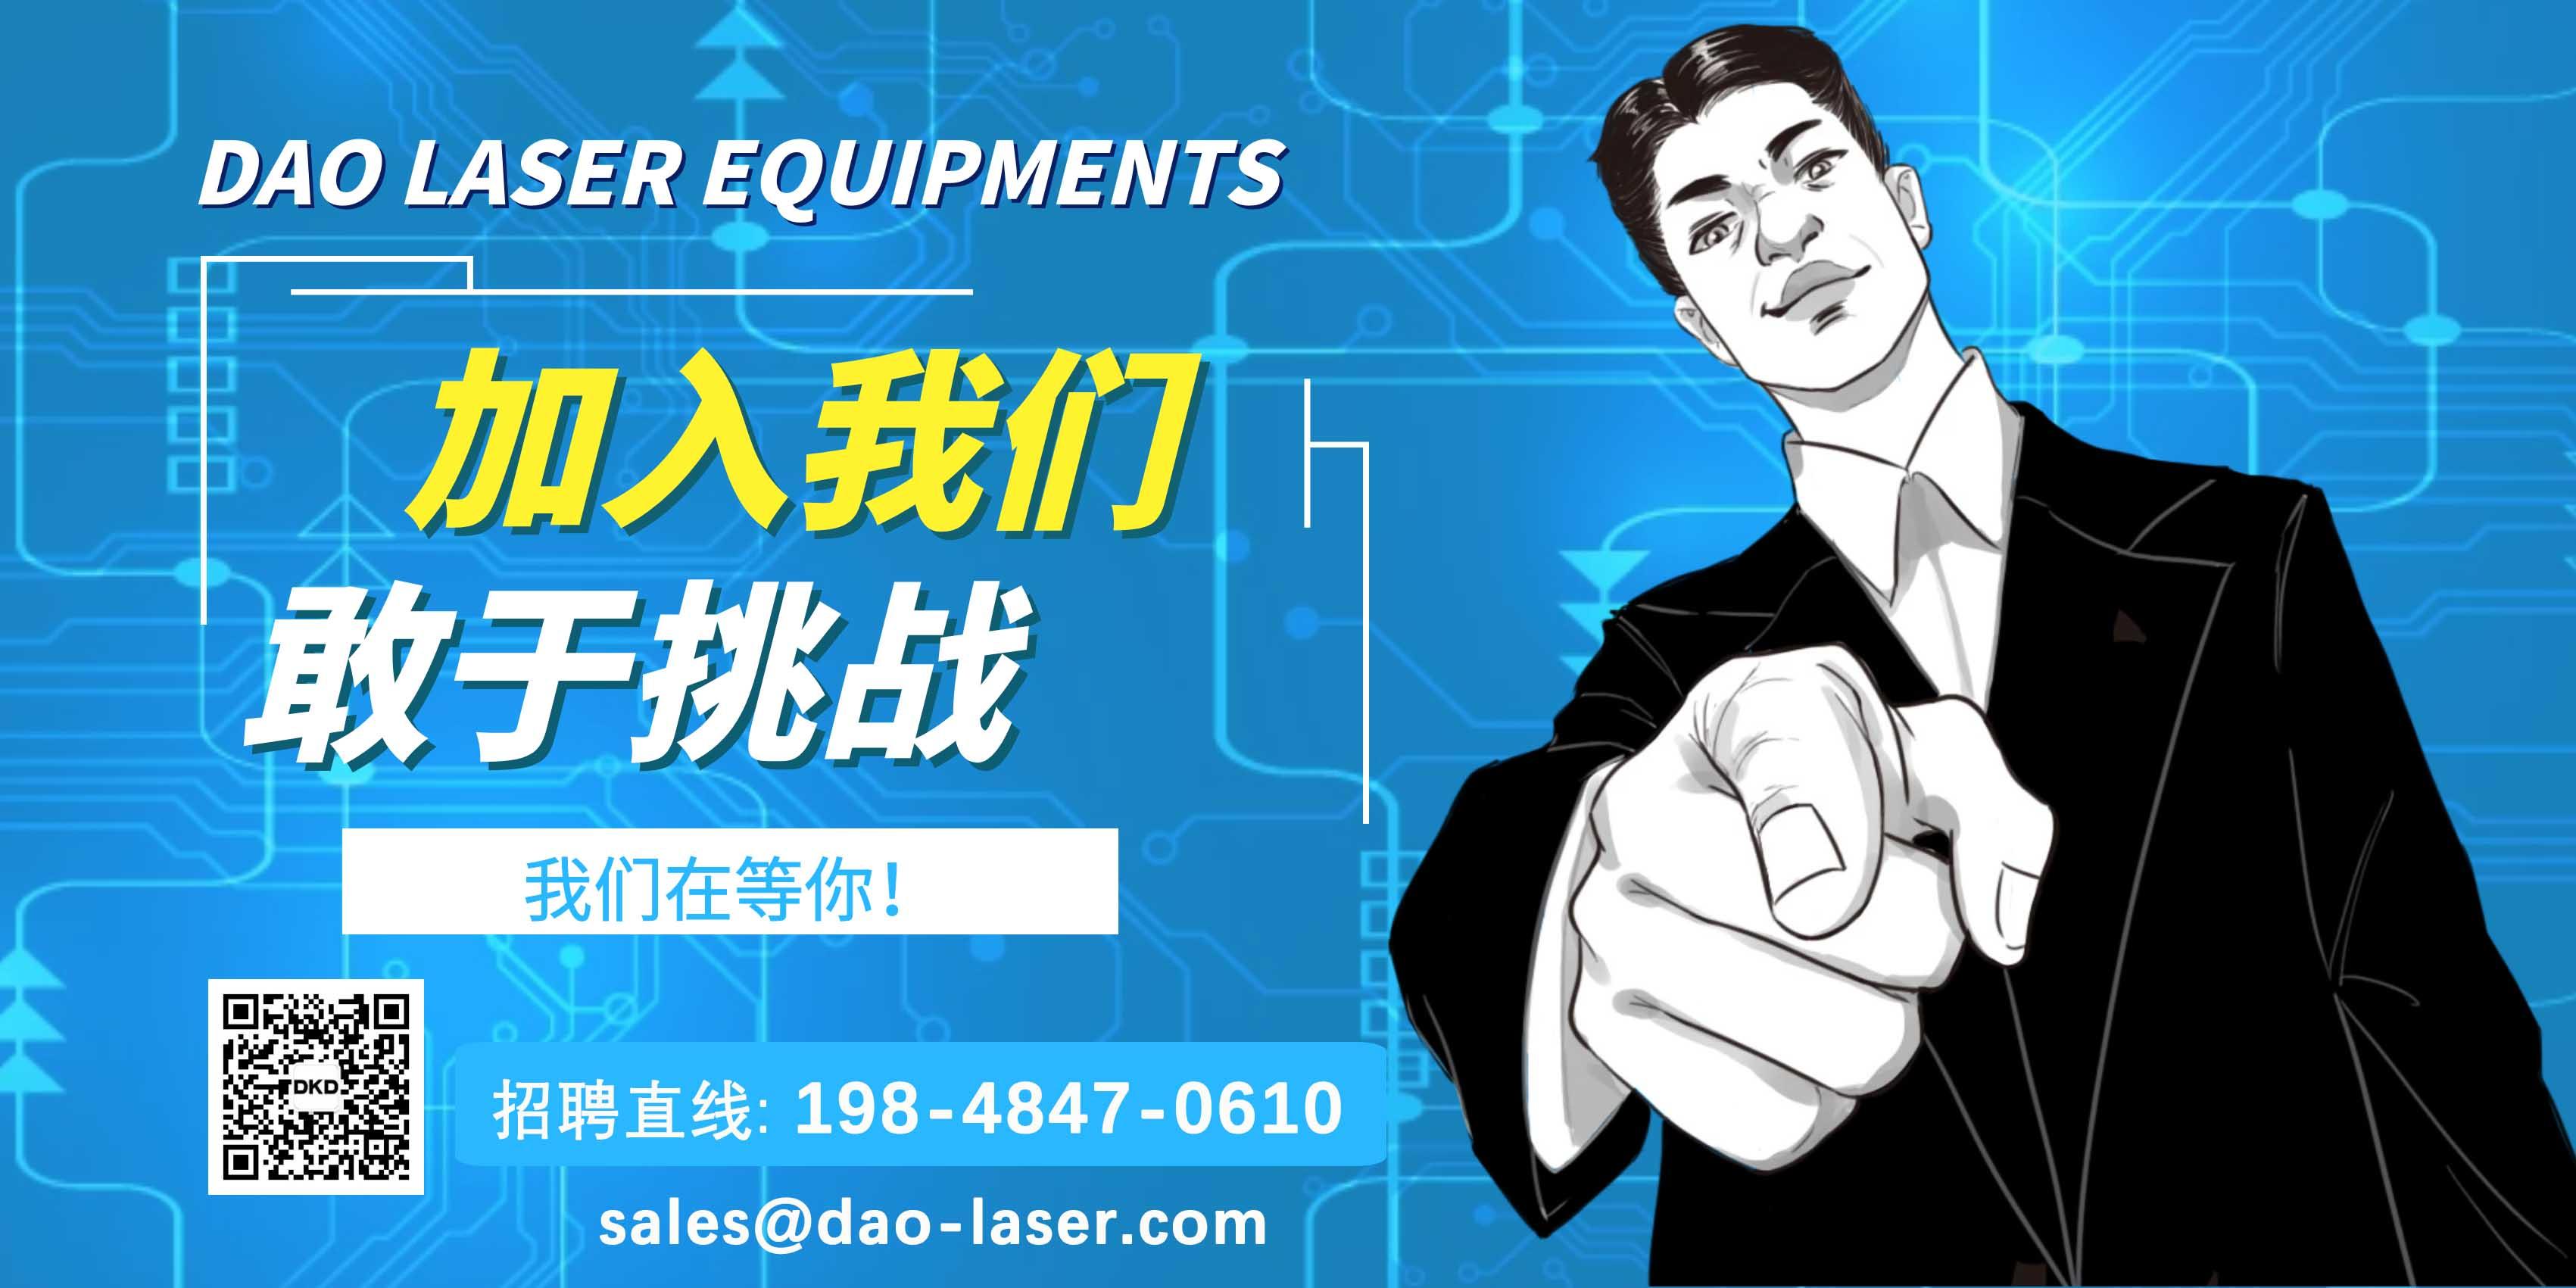 激光銷售工程師招聘激光工藝工程師招聘蘇州吳江地區江蘇道可道激光科技